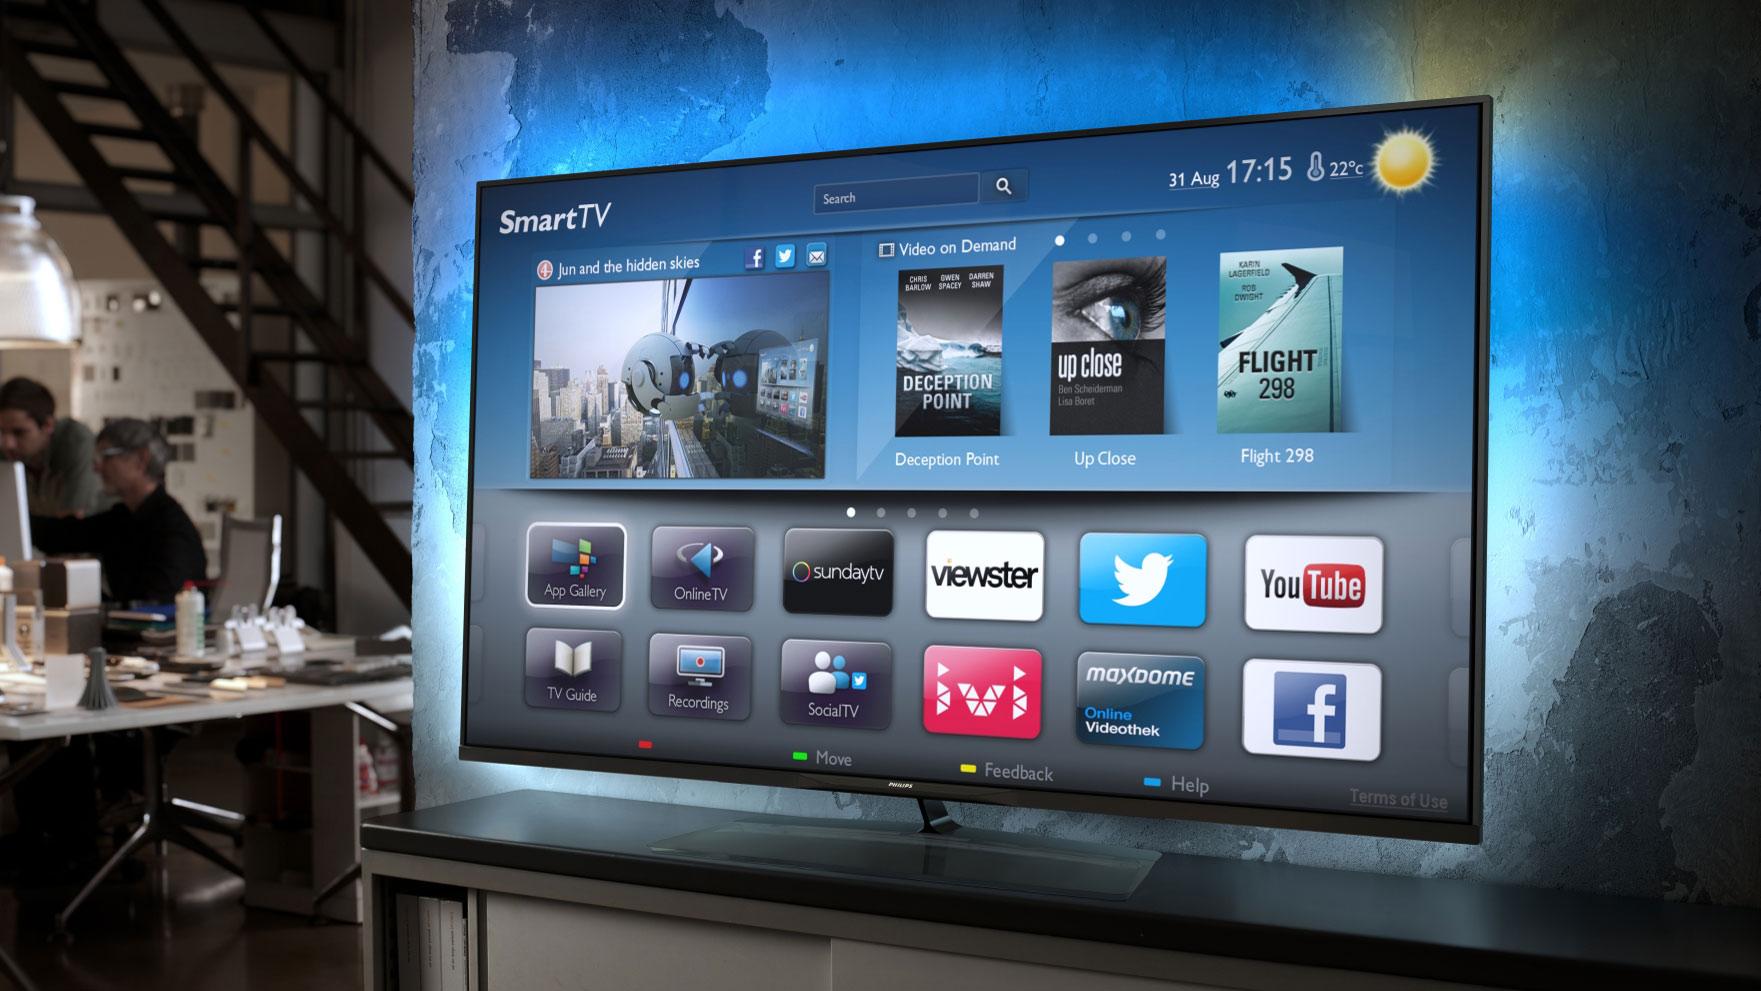 Spiegel Tv Samsung : Mirrorvue spiegel tv komplett integrierter spiegel tv k uhd